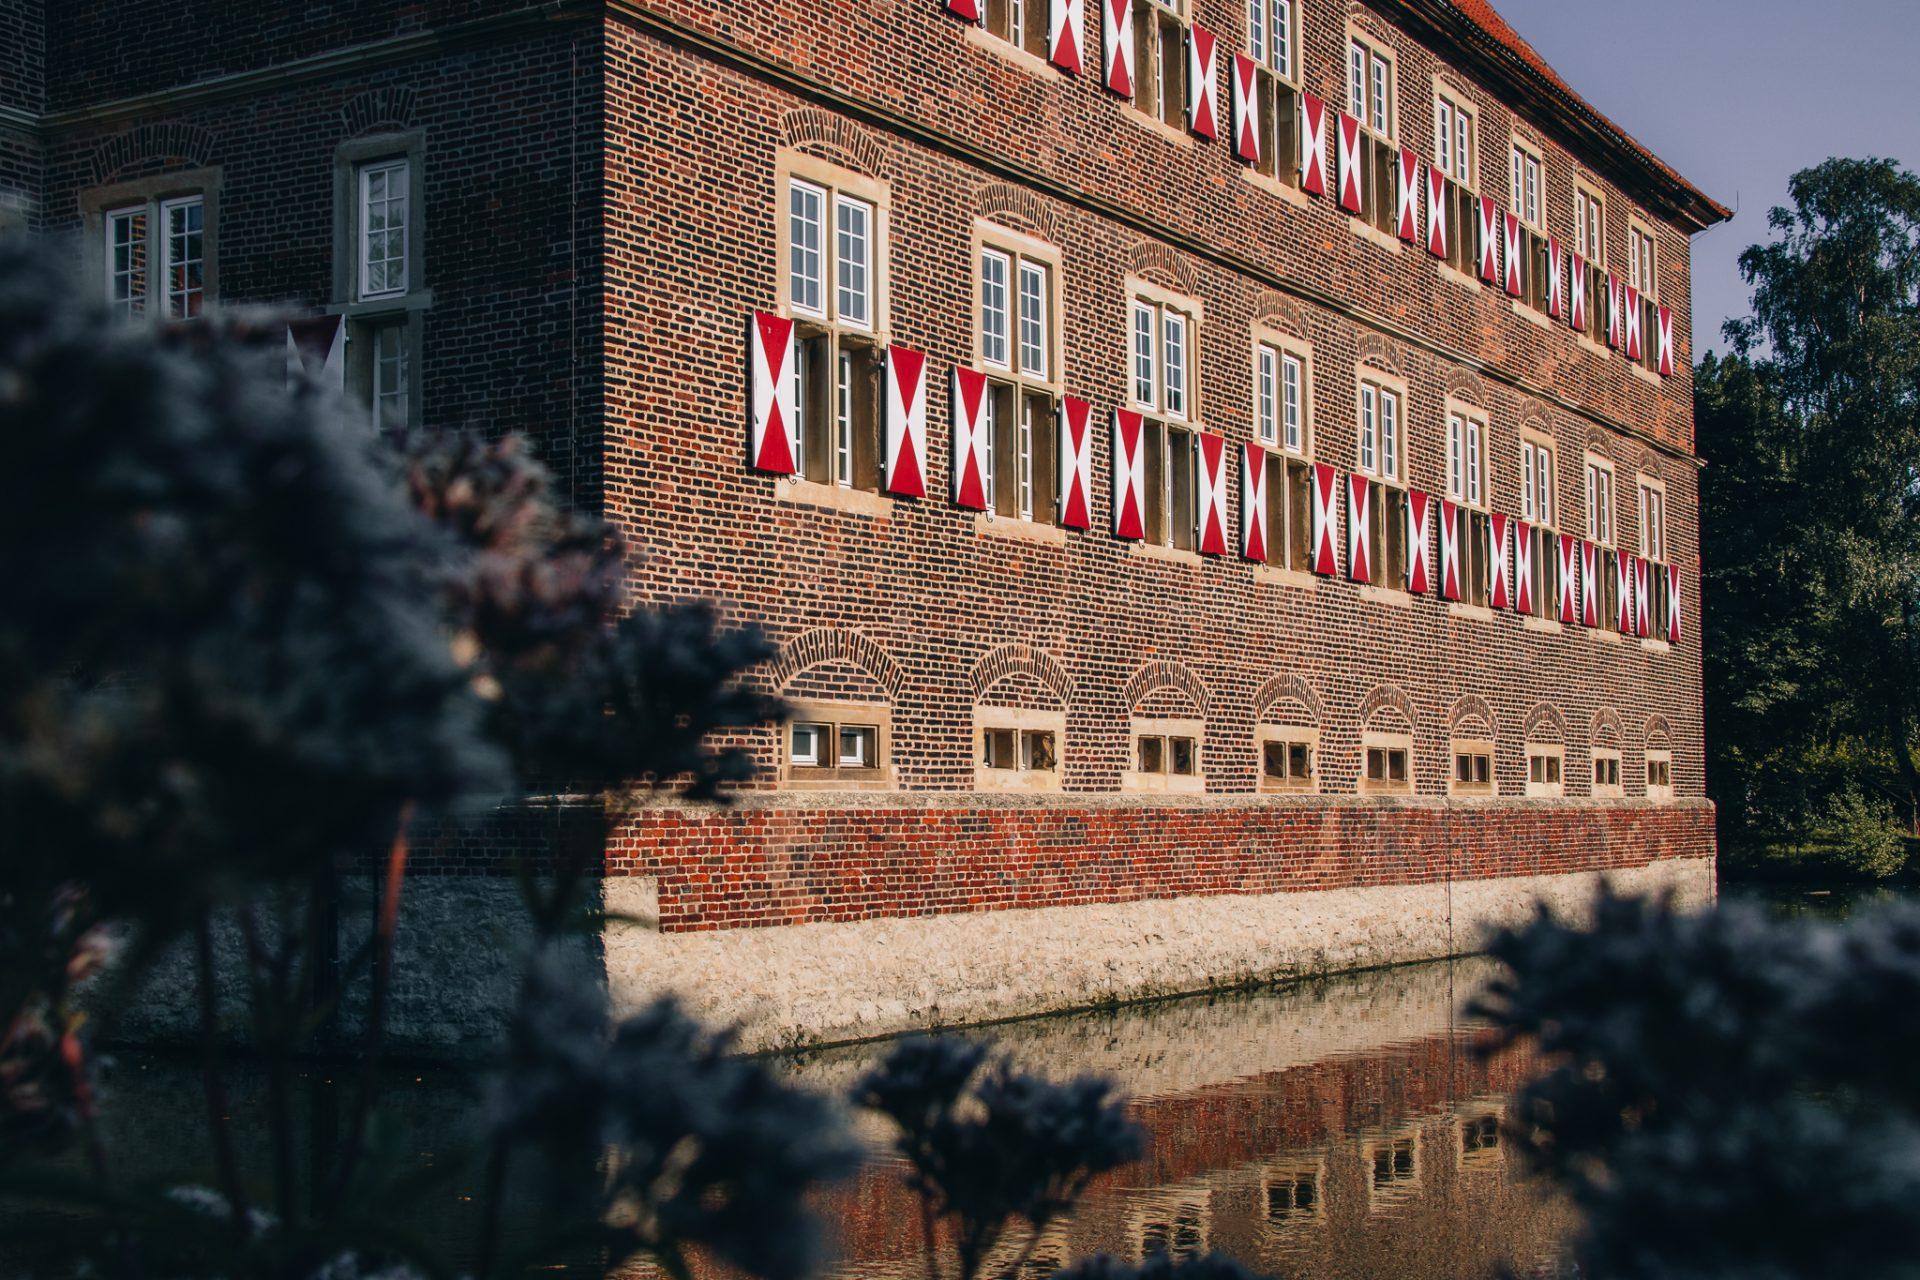 Schloss-Oberwerries-hamm-sehenswürdigkeiten